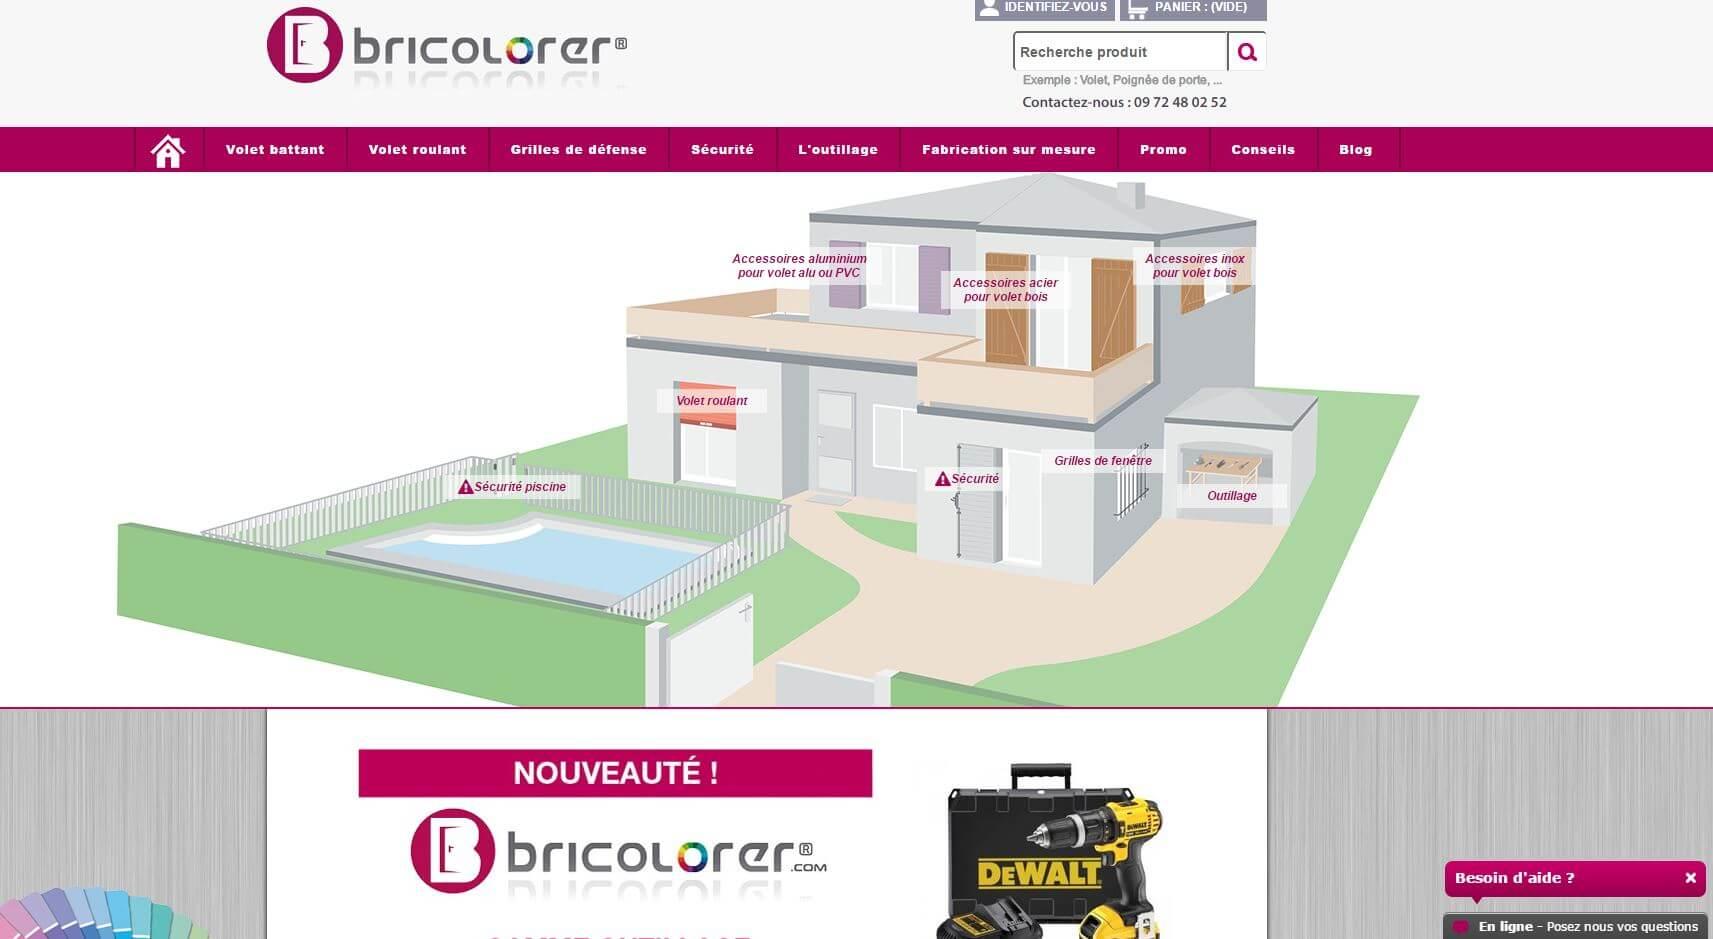 Capture d'écran du site Bricolorer.